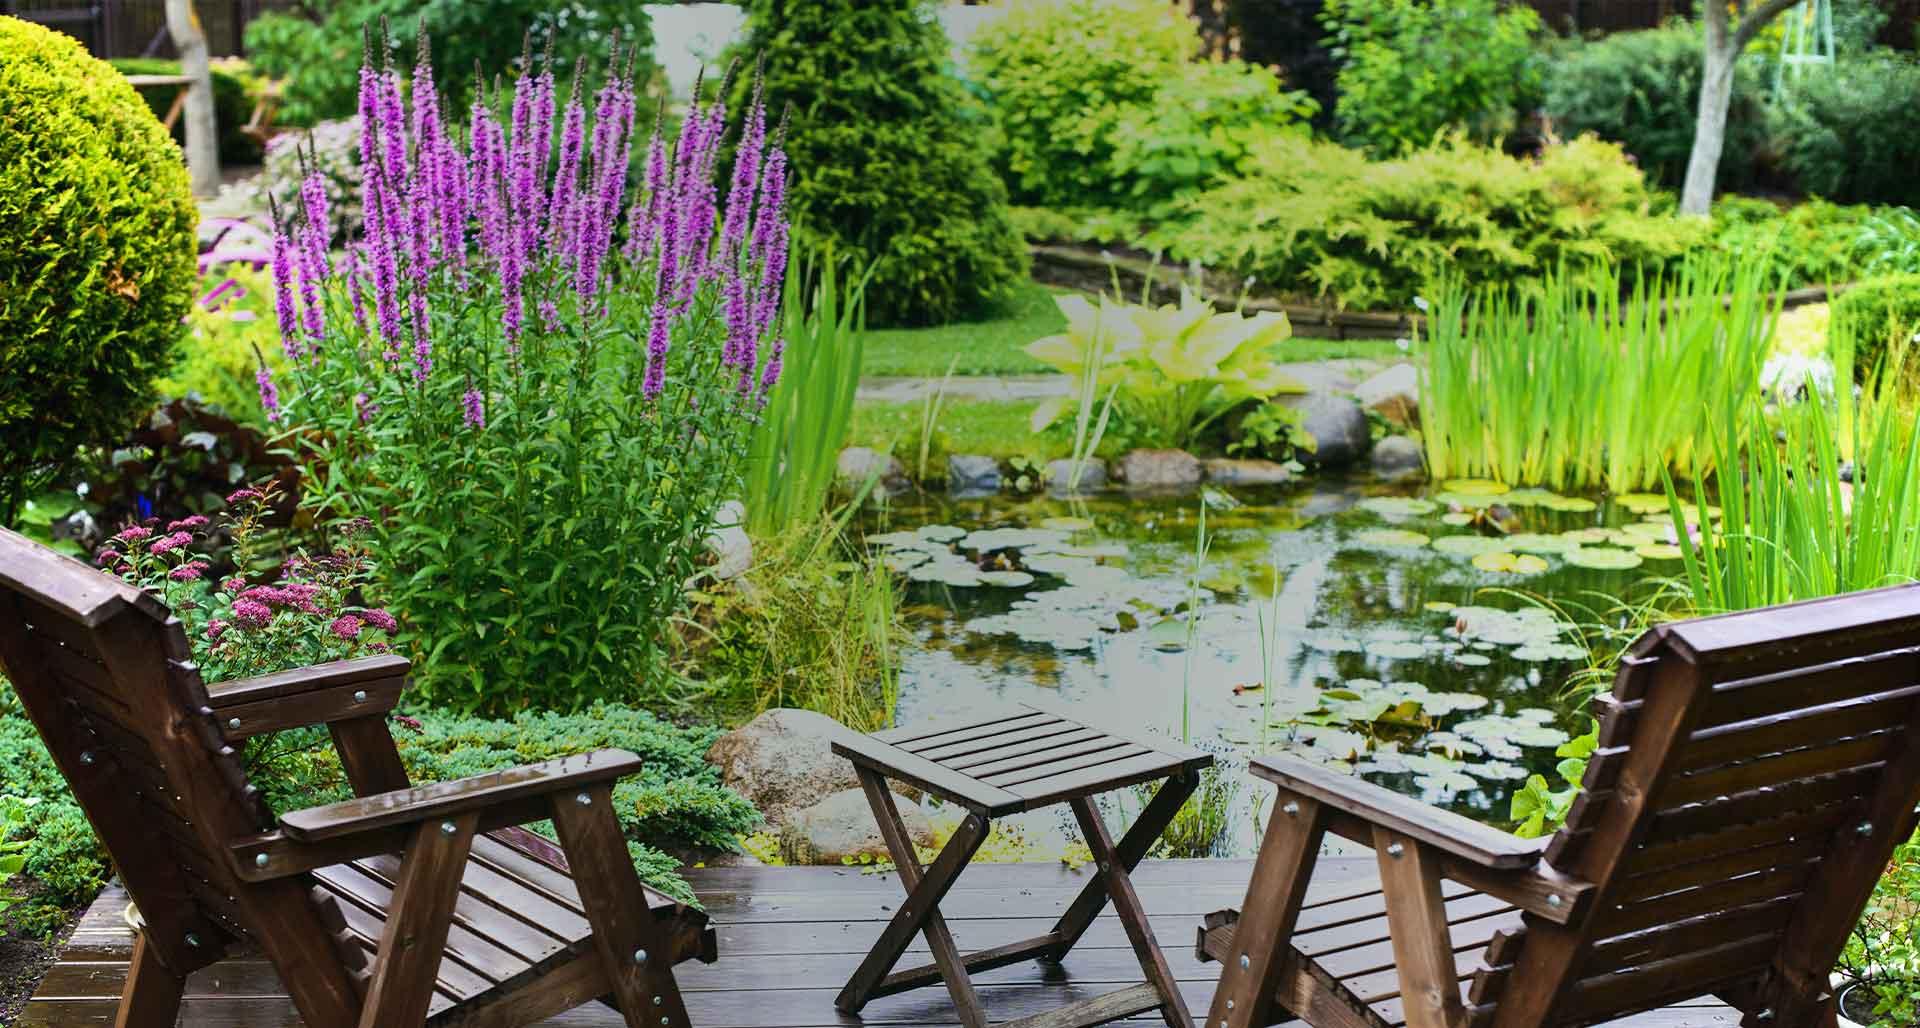 Jardineries Truffaut : Spécialiste Jardin, Animaux, Maison ... dedans Salon De Jardin Pour Enfant